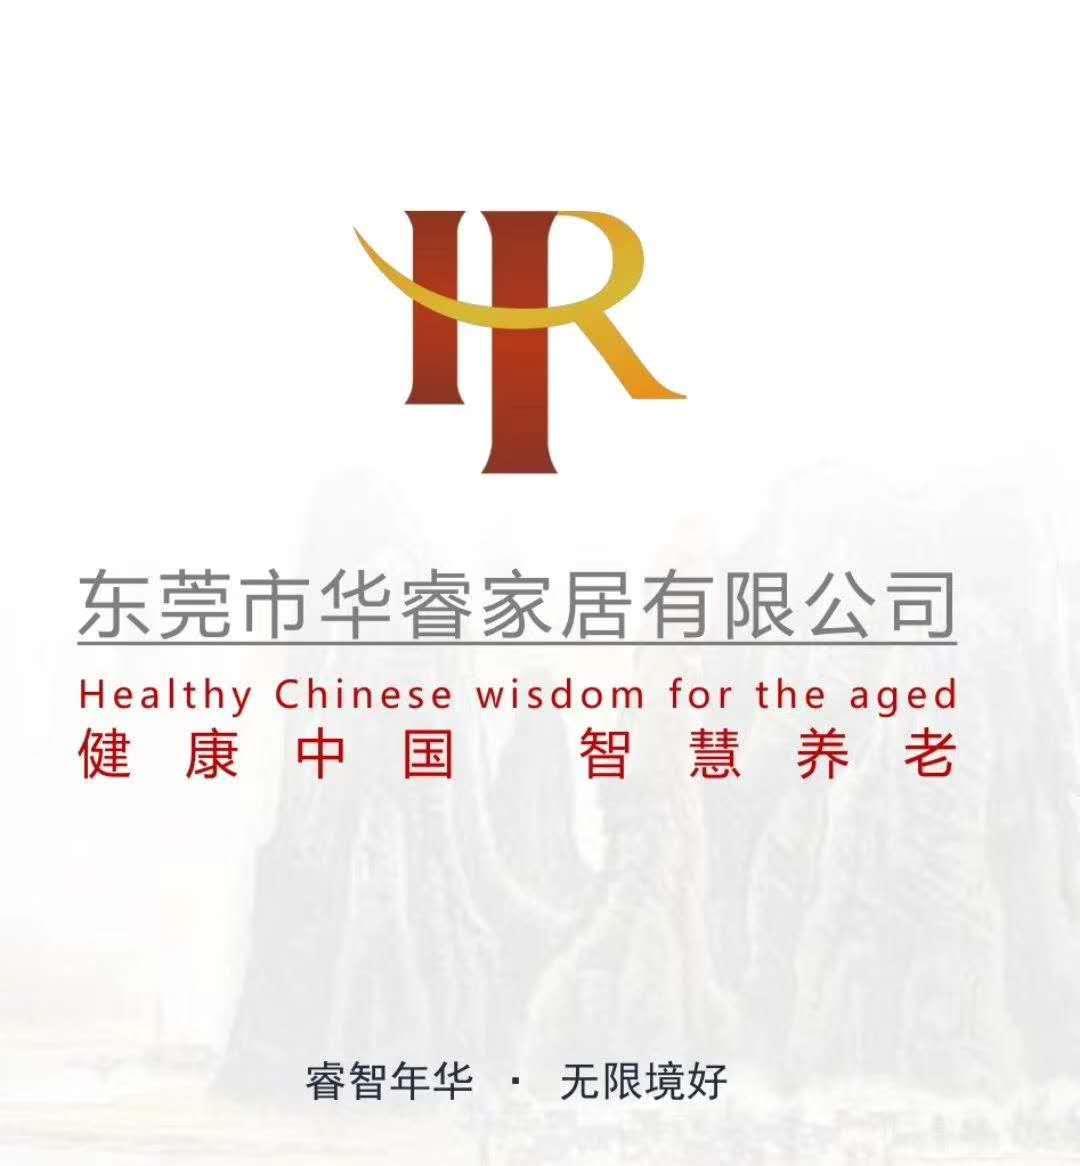 东莞市华睿家居有限公司-第五届中国国际老龄产业博览会